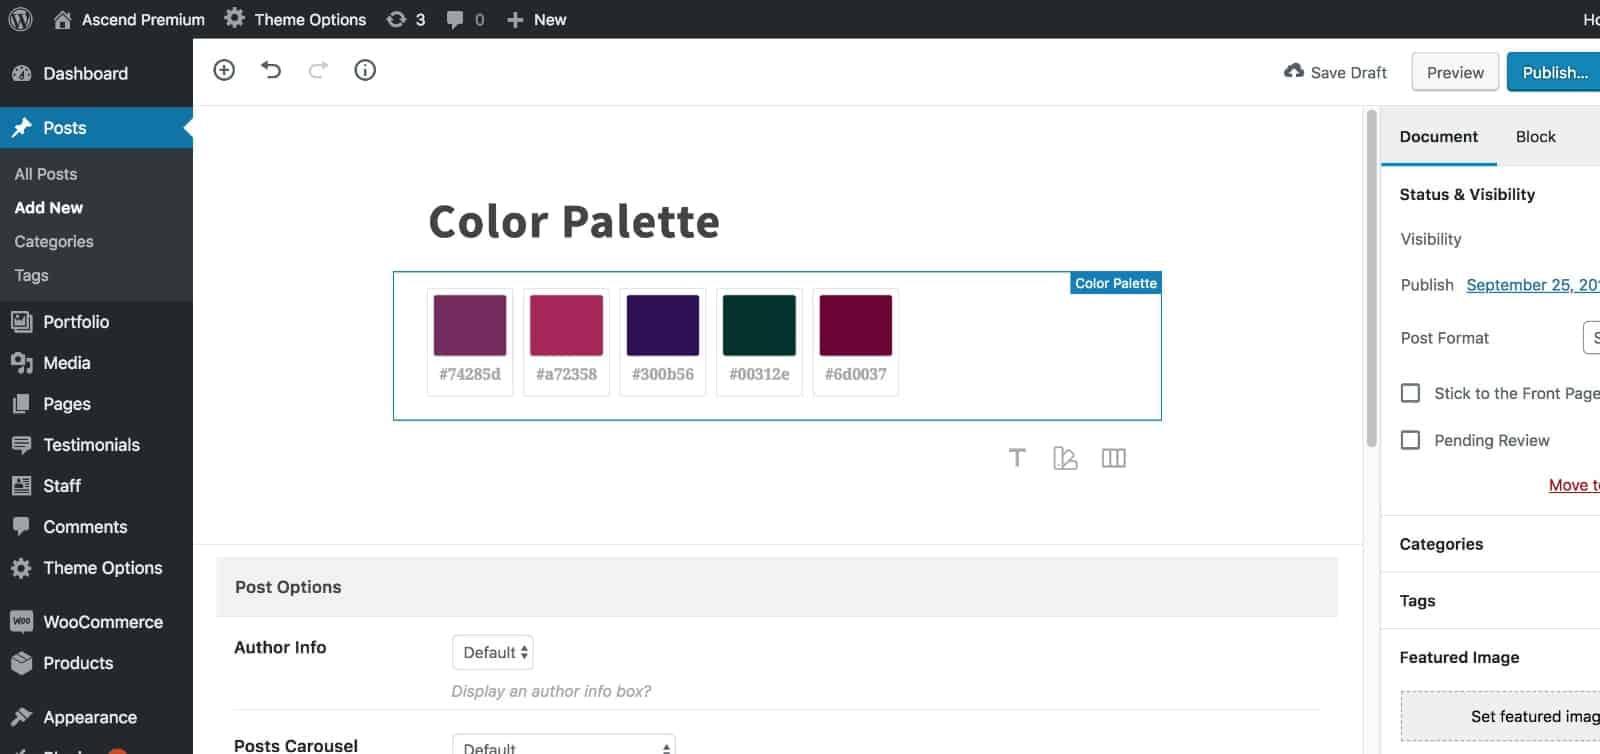 Configure Color Palette